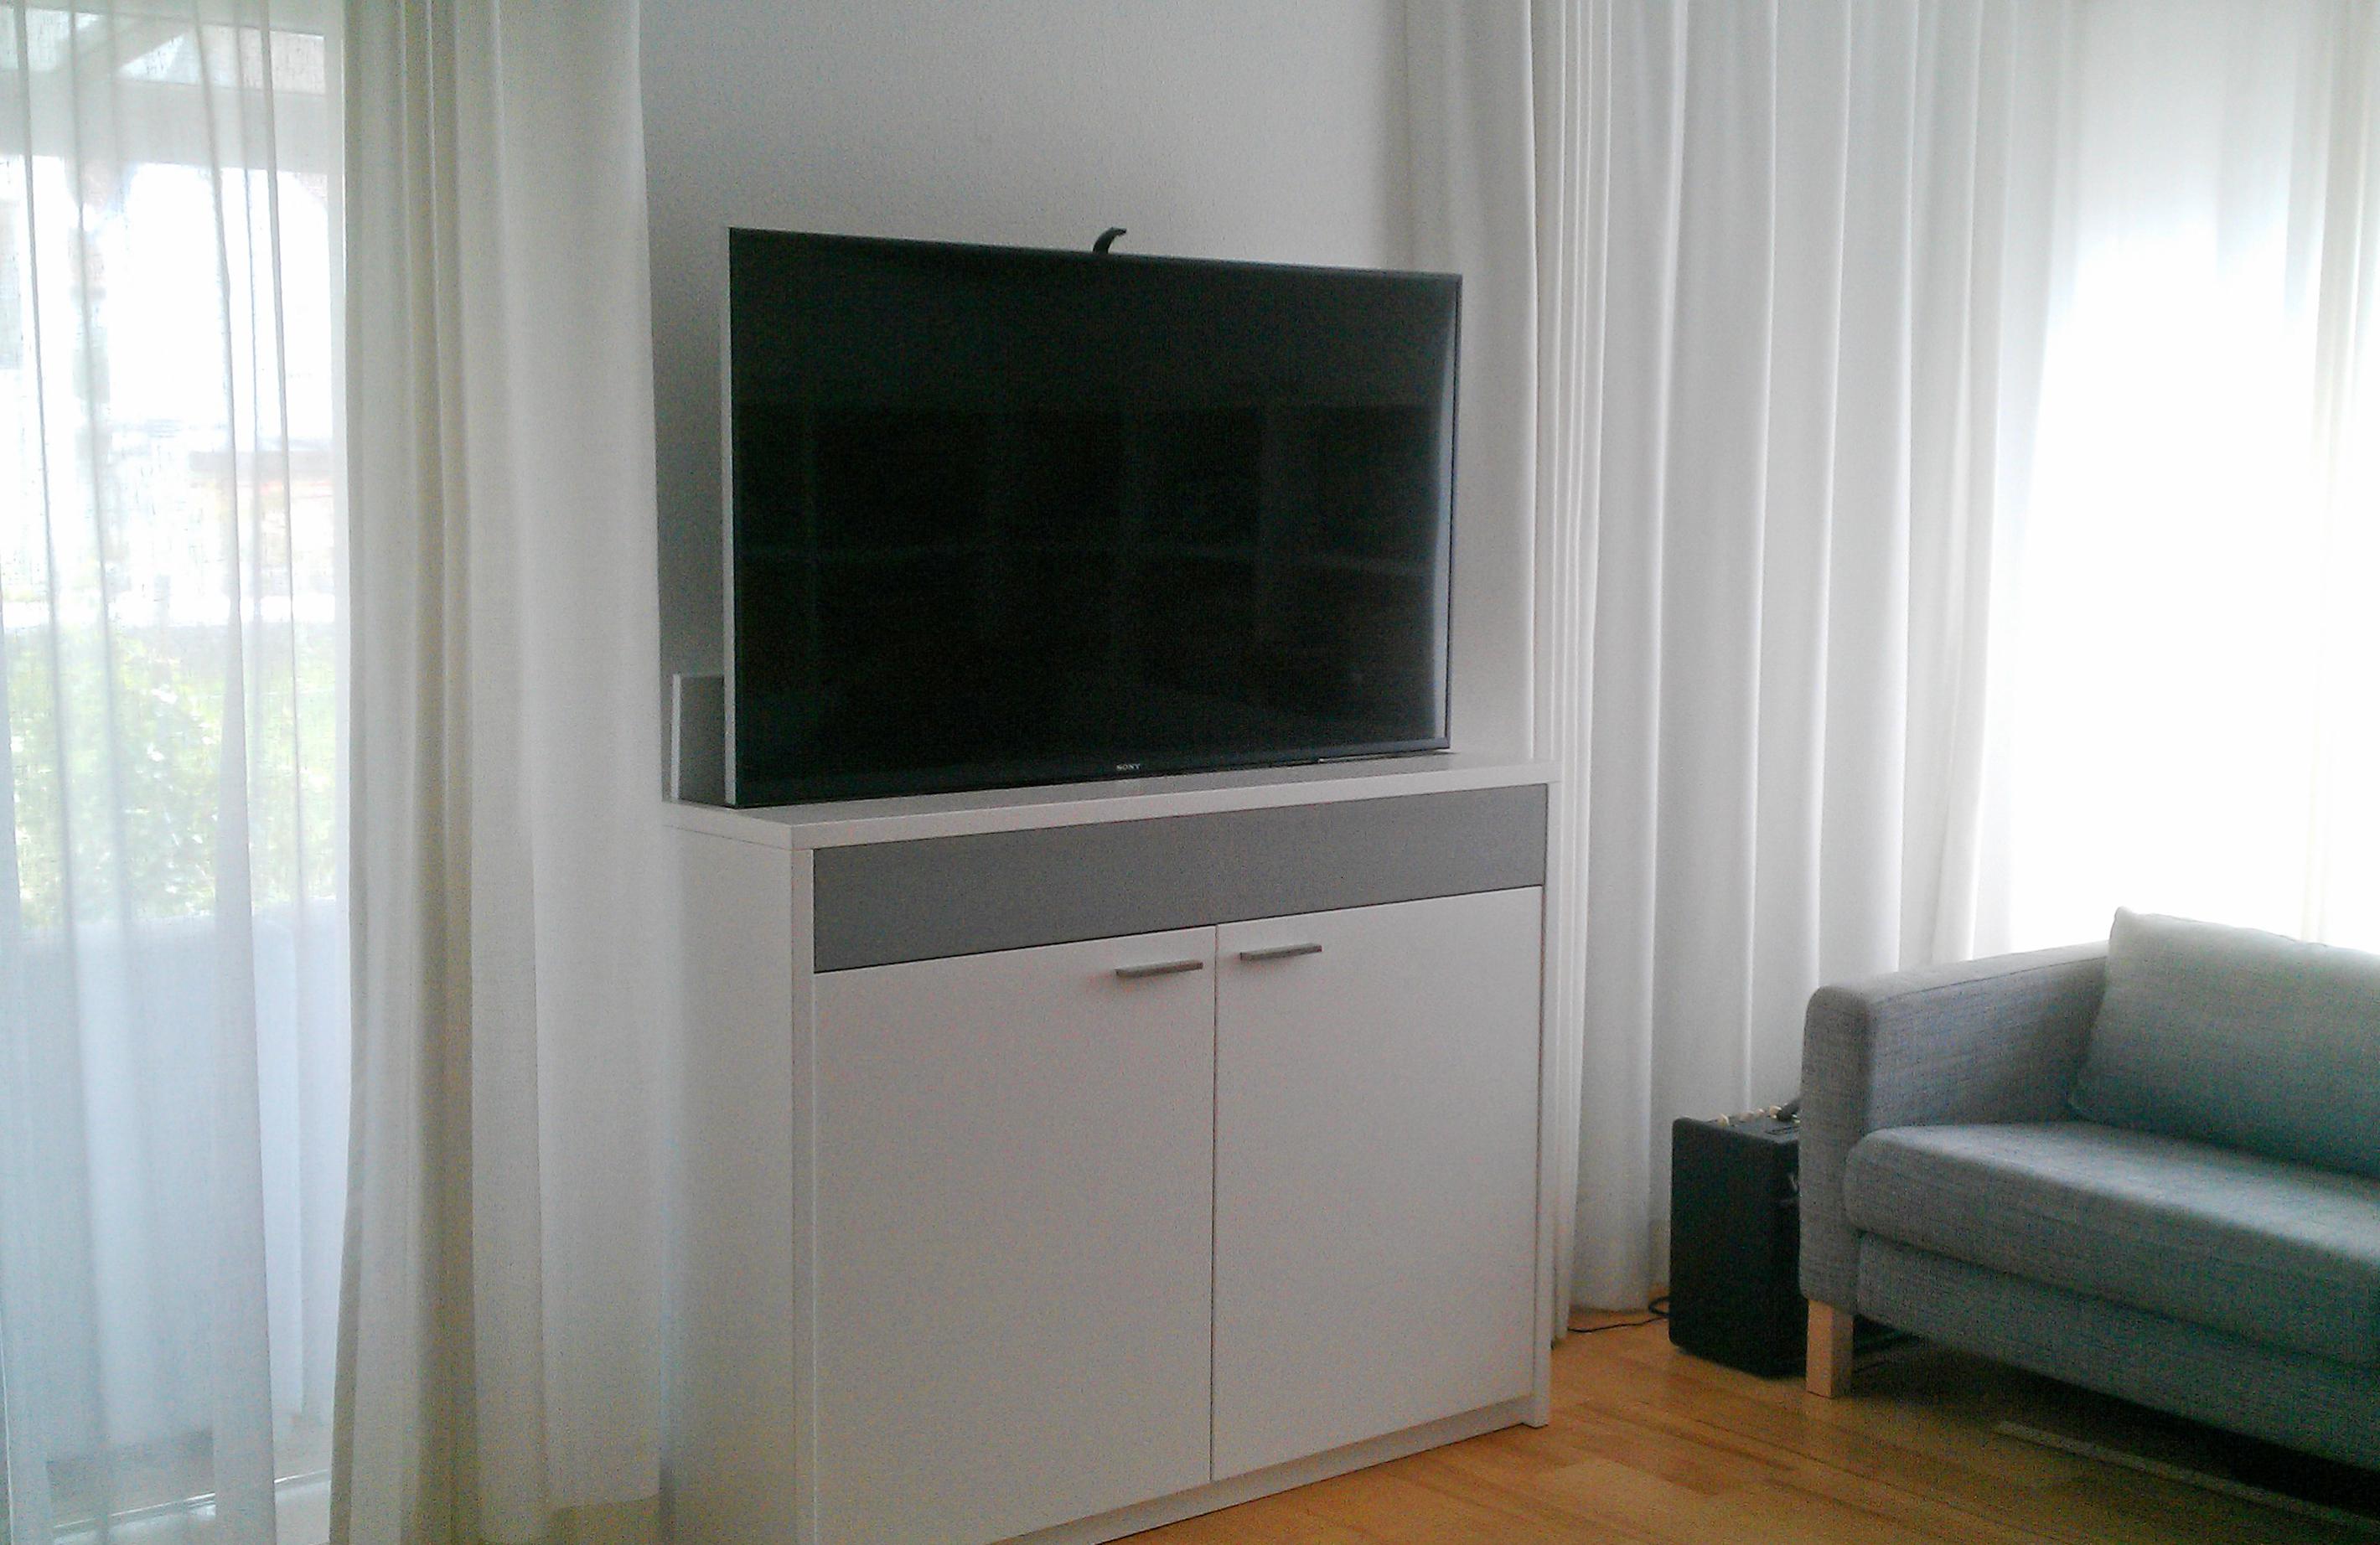 TV Möbel offen motorgesteuert per Fernbedienung